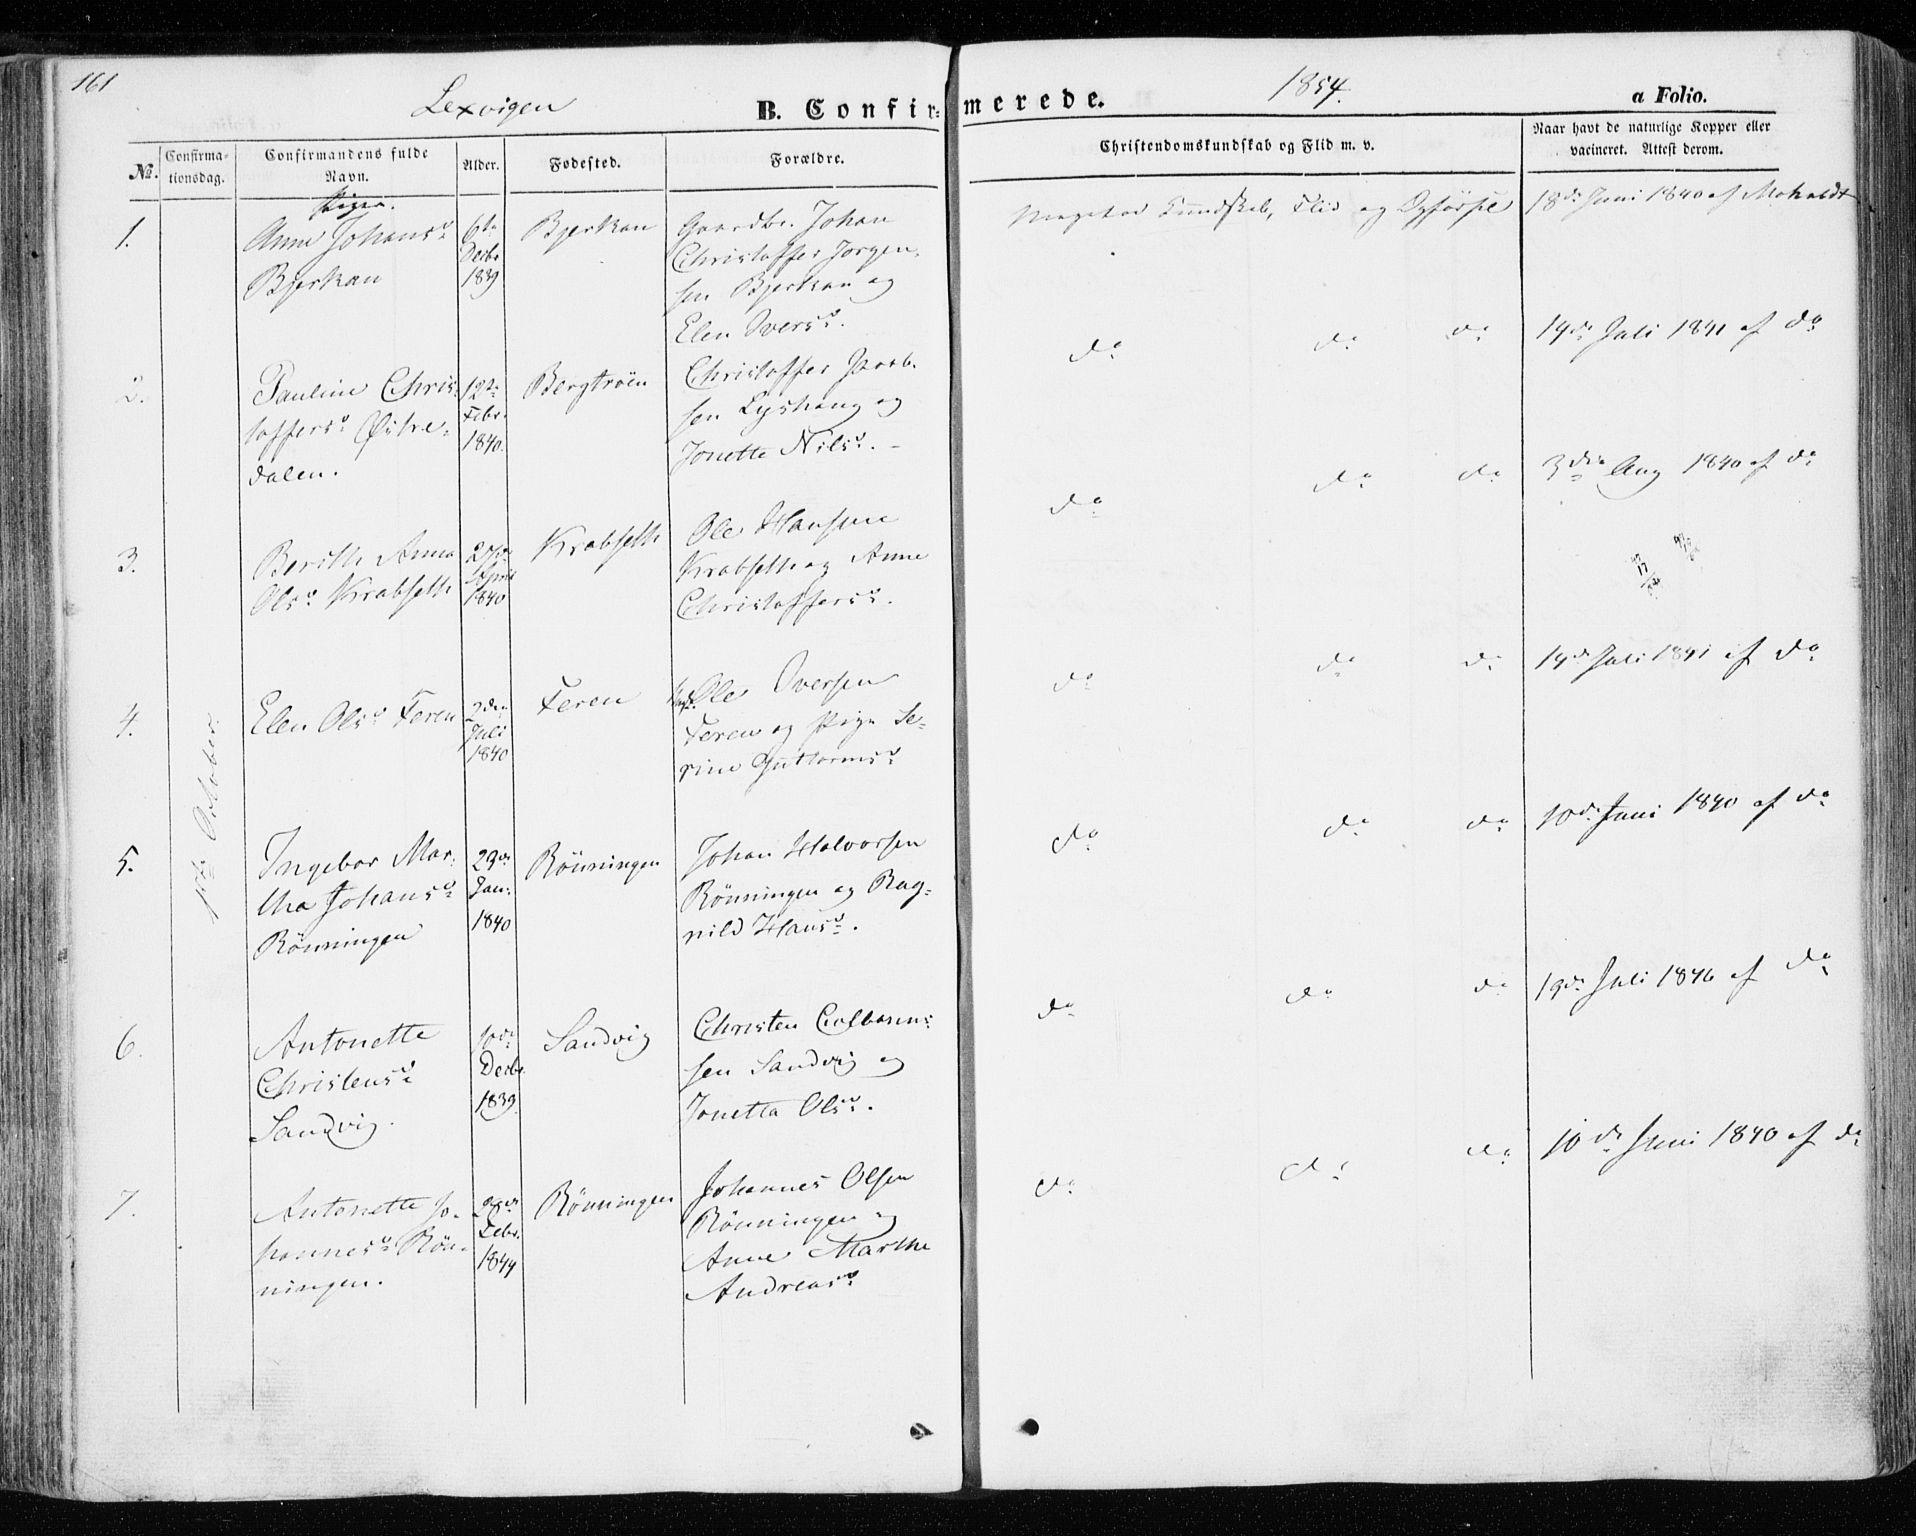 SAT, Ministerialprotokoller, klokkerbøker og fødselsregistre - Nord-Trøndelag, 701/L0008: Ministerialbok nr. 701A08 /1, 1854-1863, s. 161